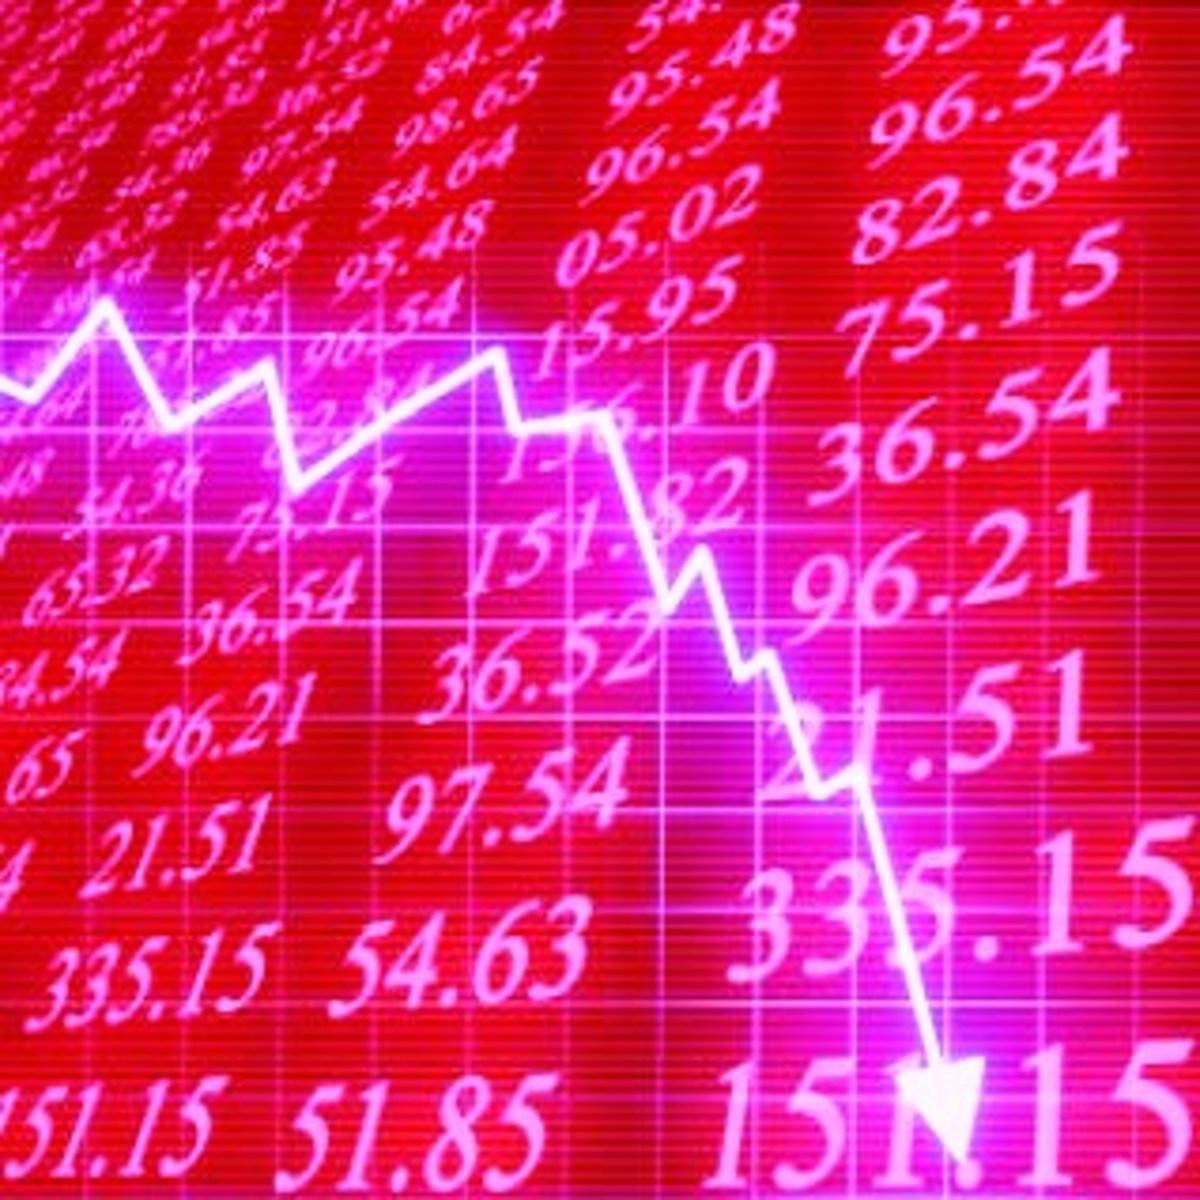 Οι ισχυρές πιέσεις προς τις τράπεζες έριξαν το Χρηματιστήριο | Newsit.gr